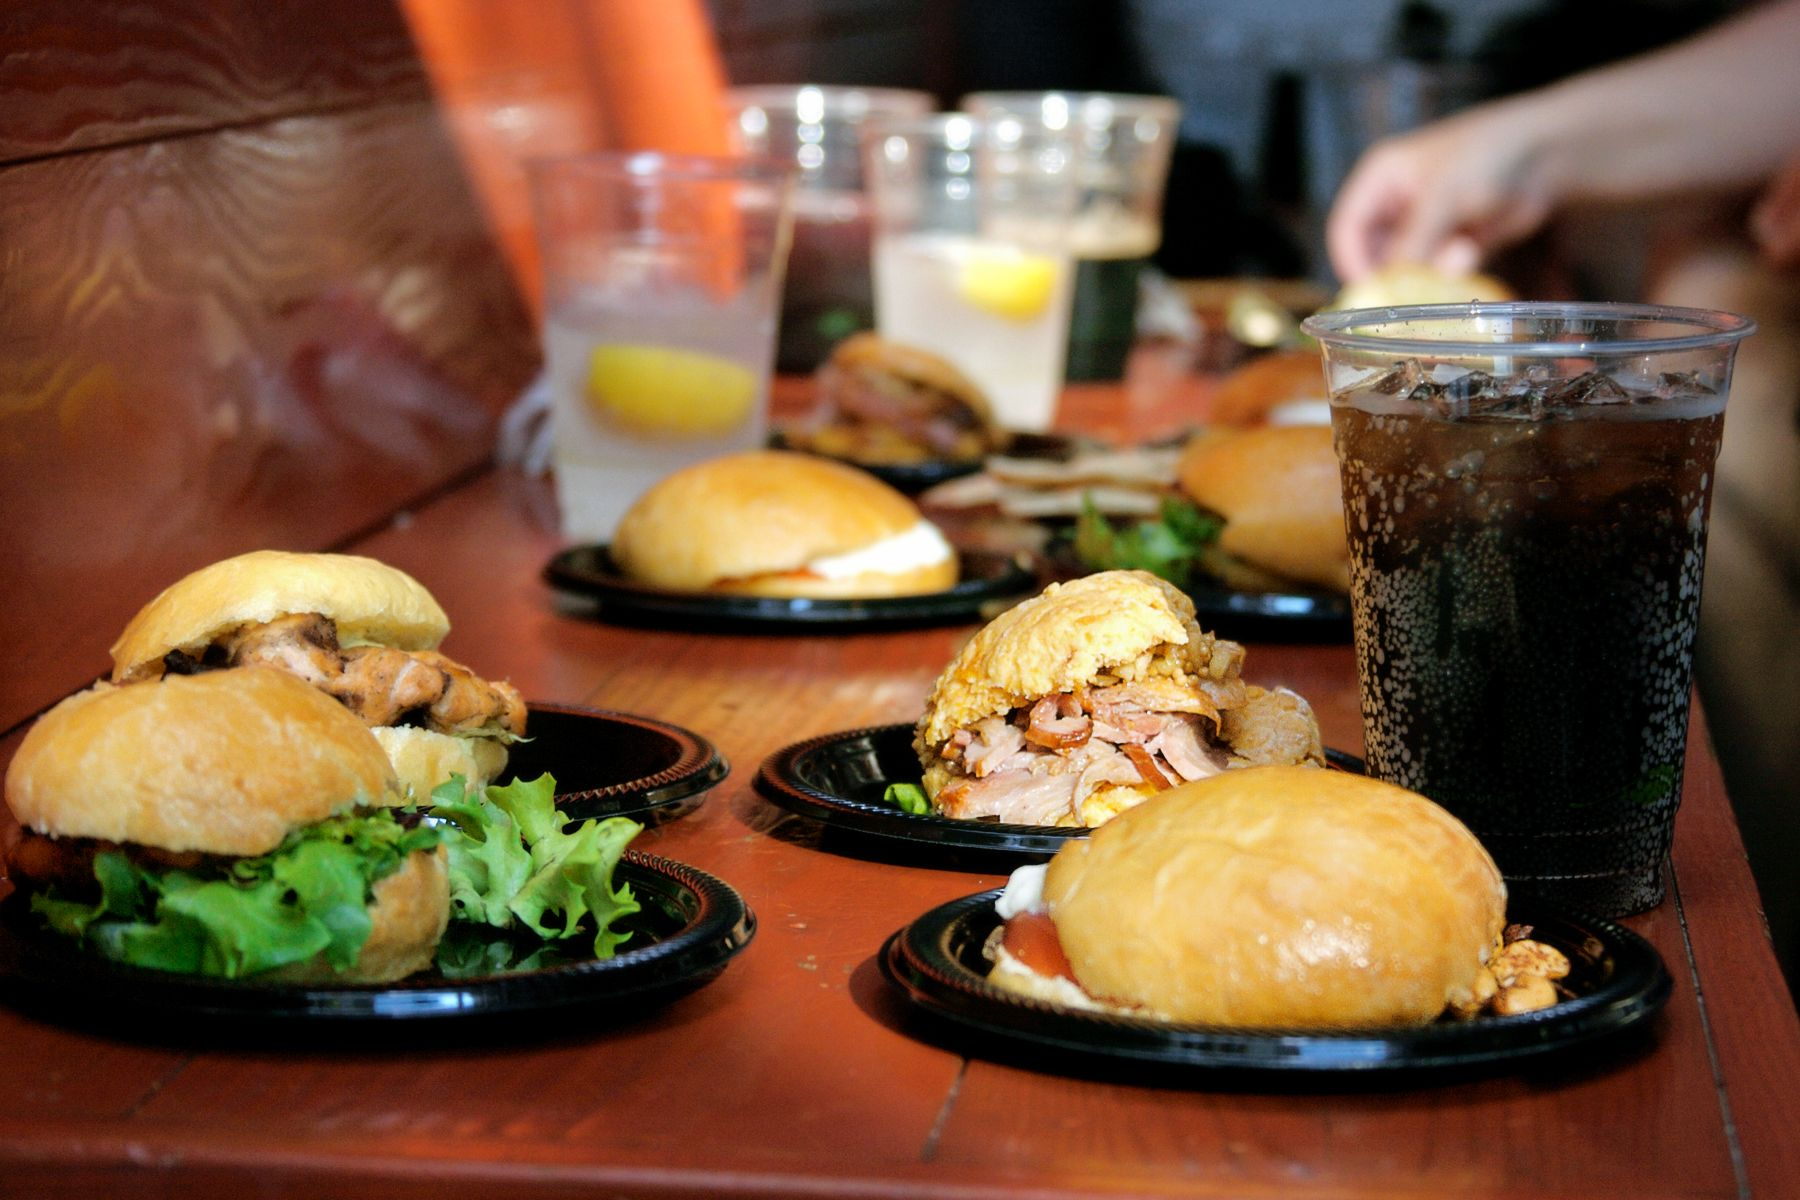 mini sandwiches on brioche rolls